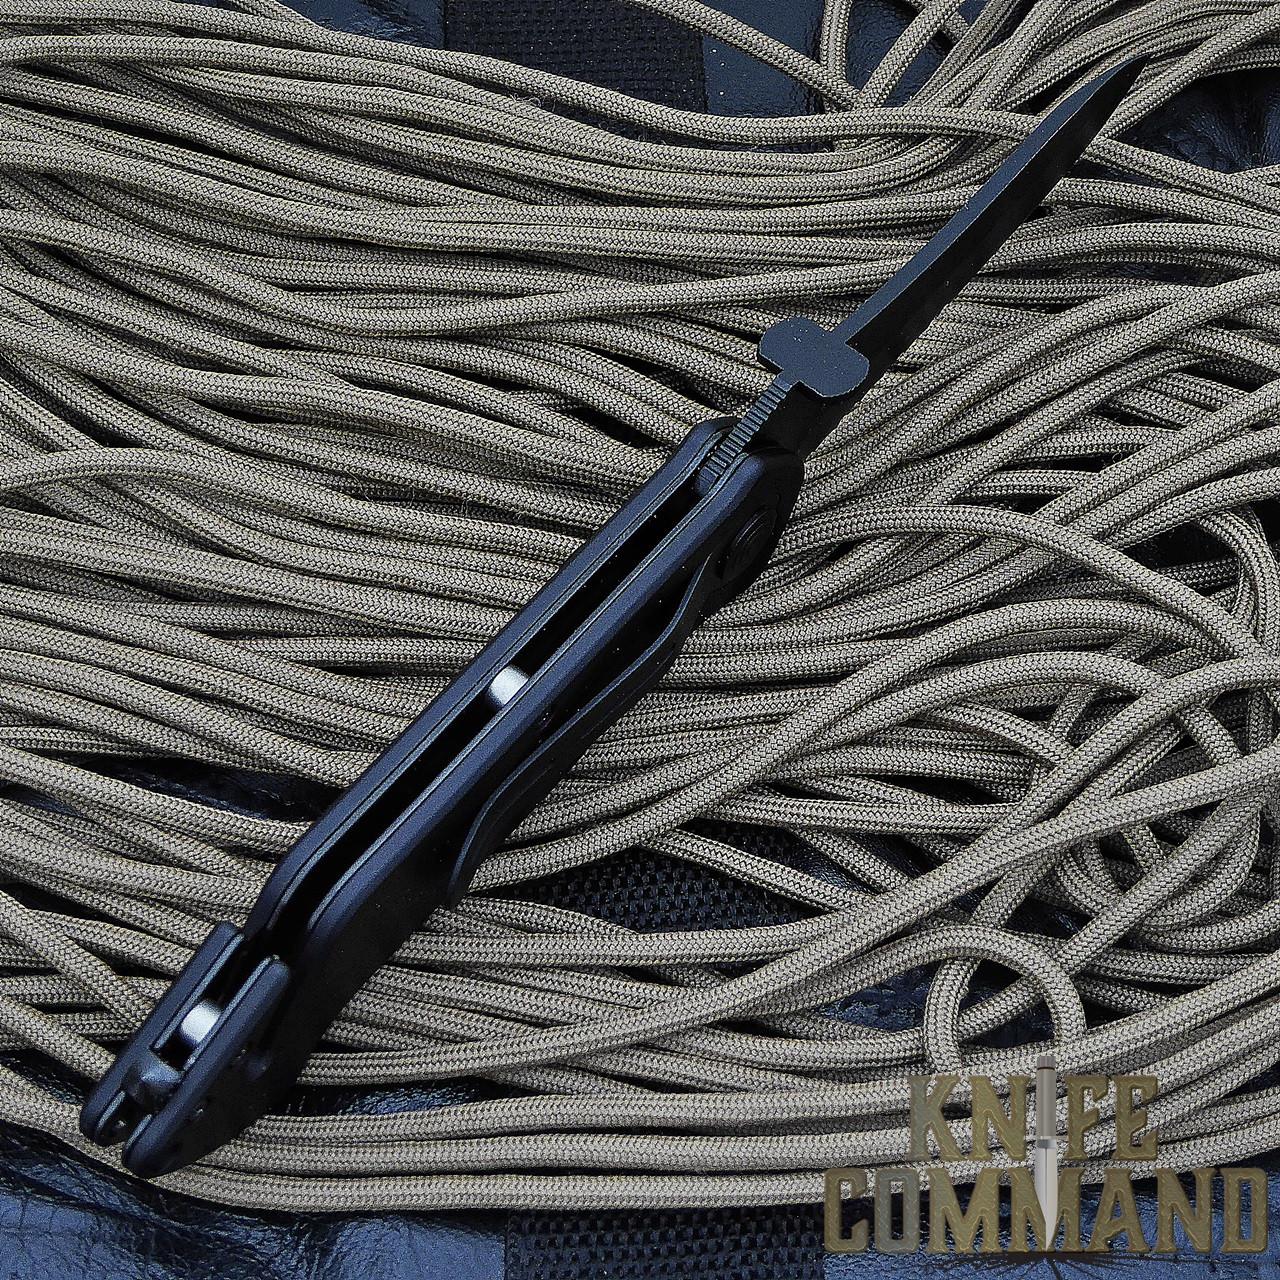 Eickhorn Solingen PRT VIII Black Tactical Emergency Rescue Knife.  Slim, open back design.